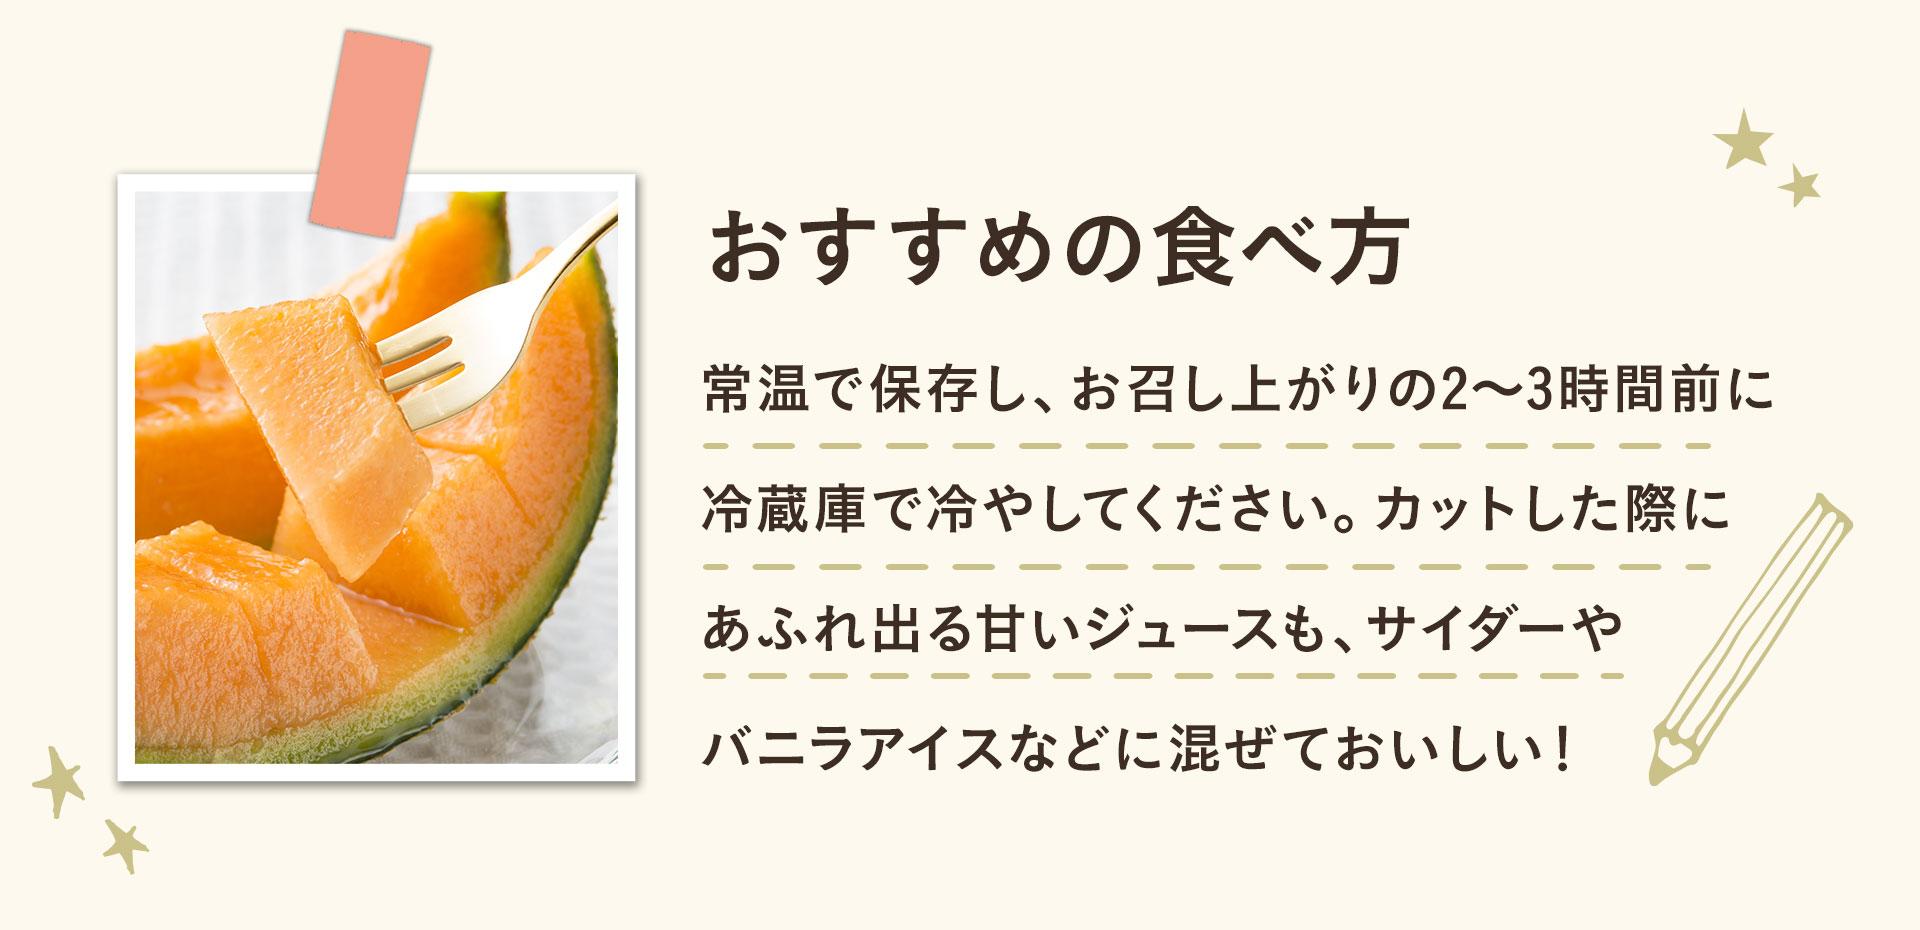 富良野メロオン赤玉 オススメの食べ方|産直アウル